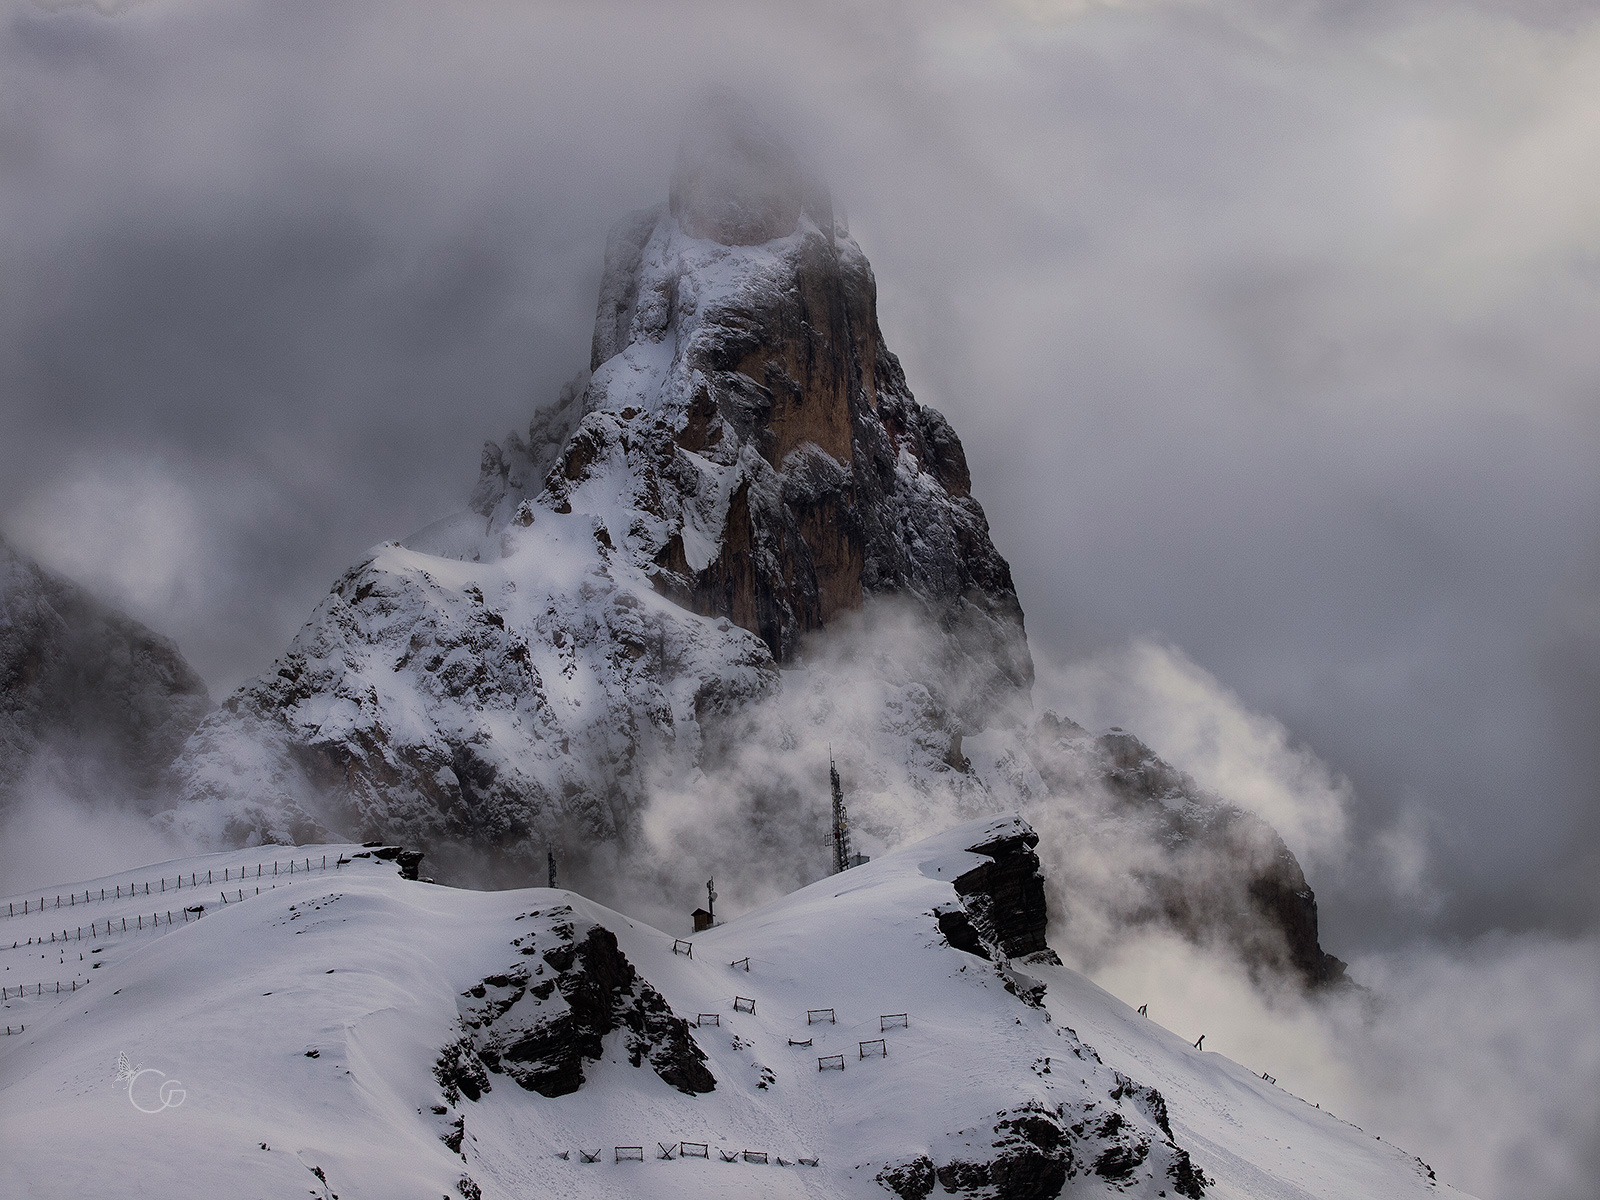 the mountain...